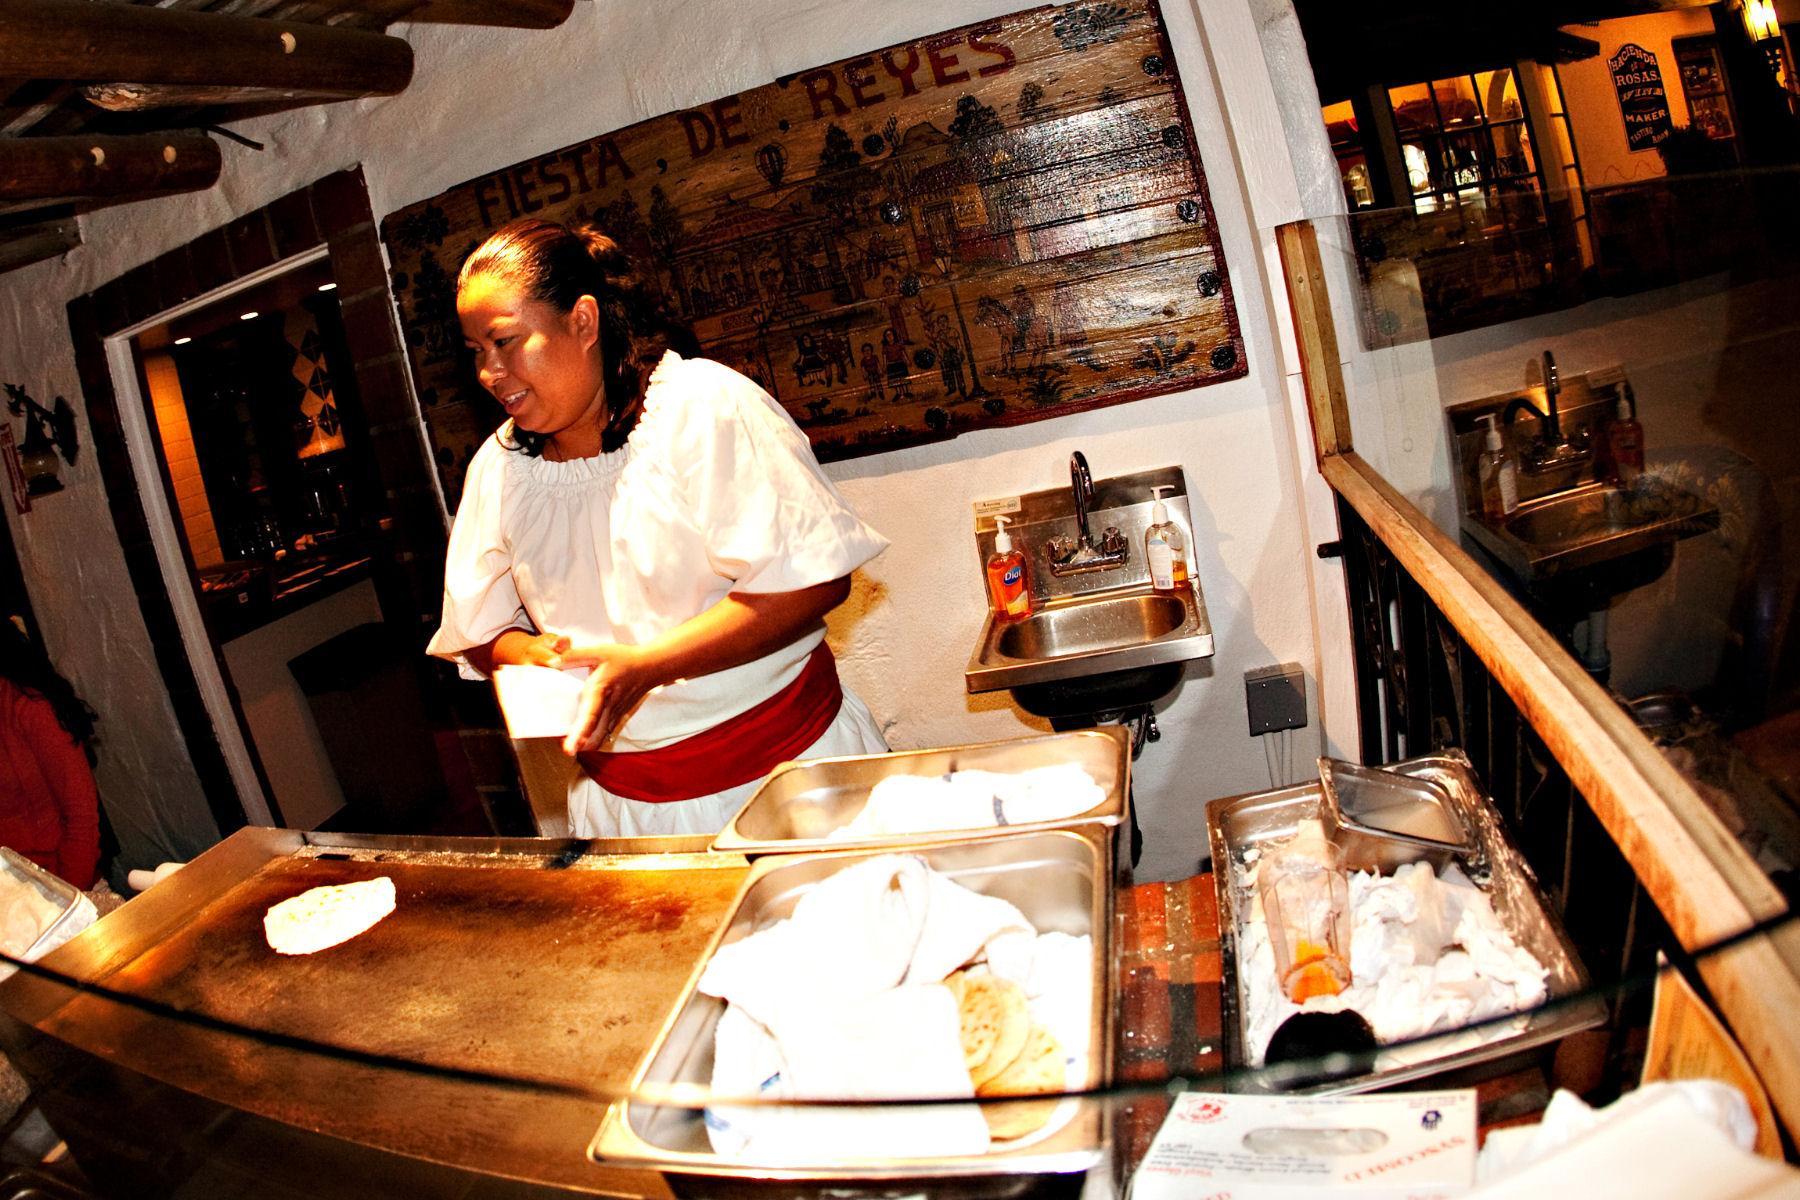 Fiesta de Reyes Tortilla Maker